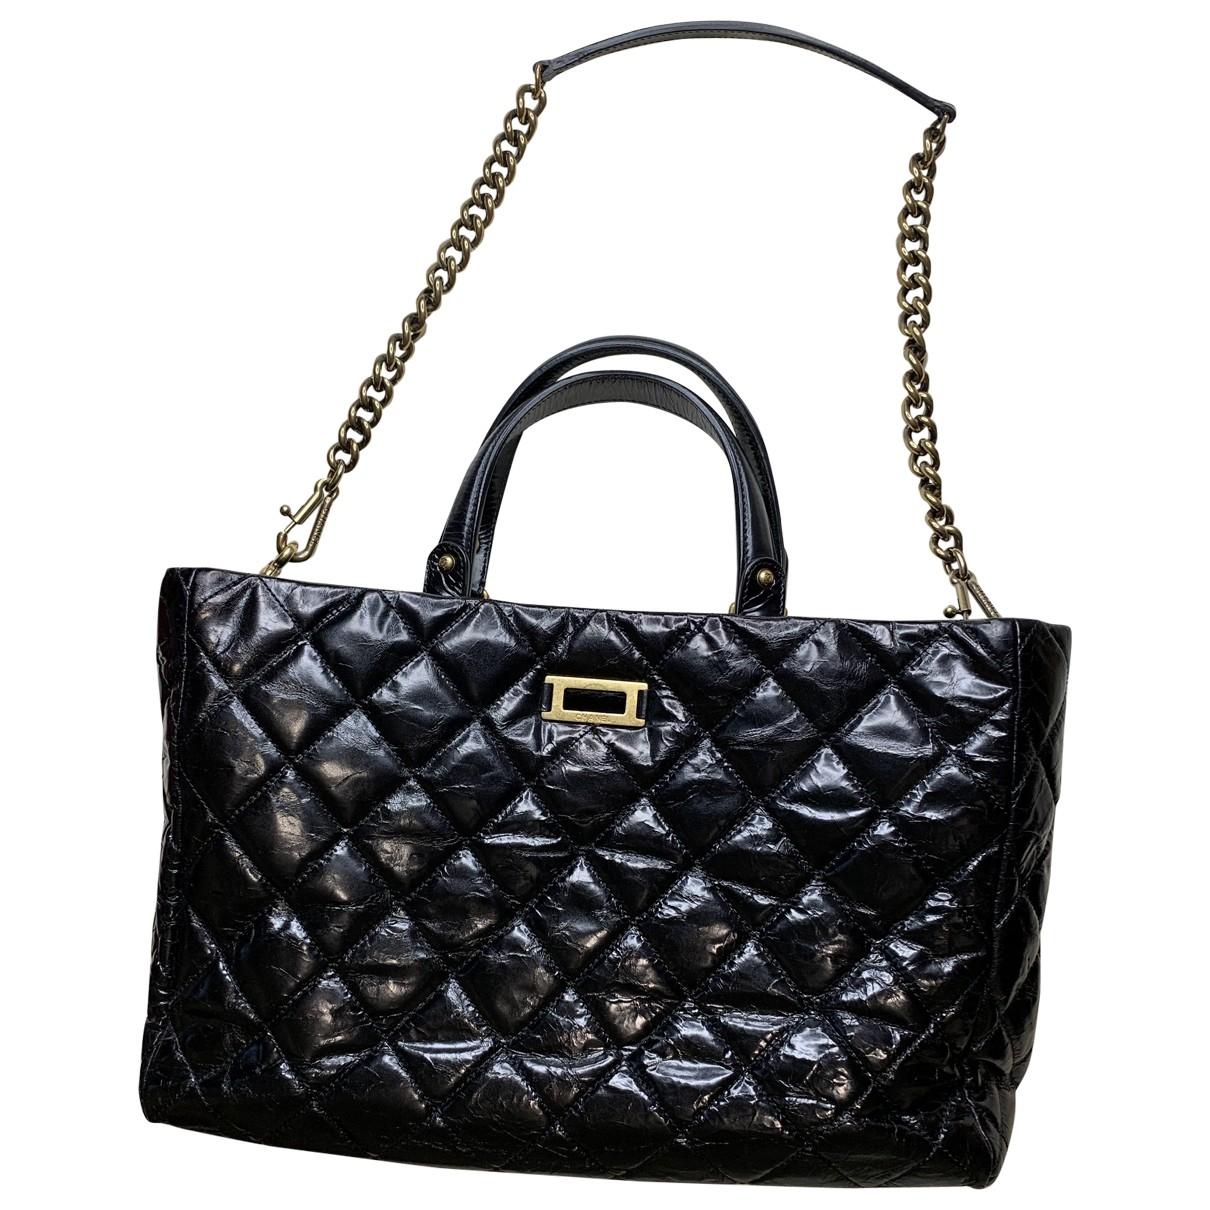 Chanel - Sac a main 2.55 pour femme en cuir verni - noir